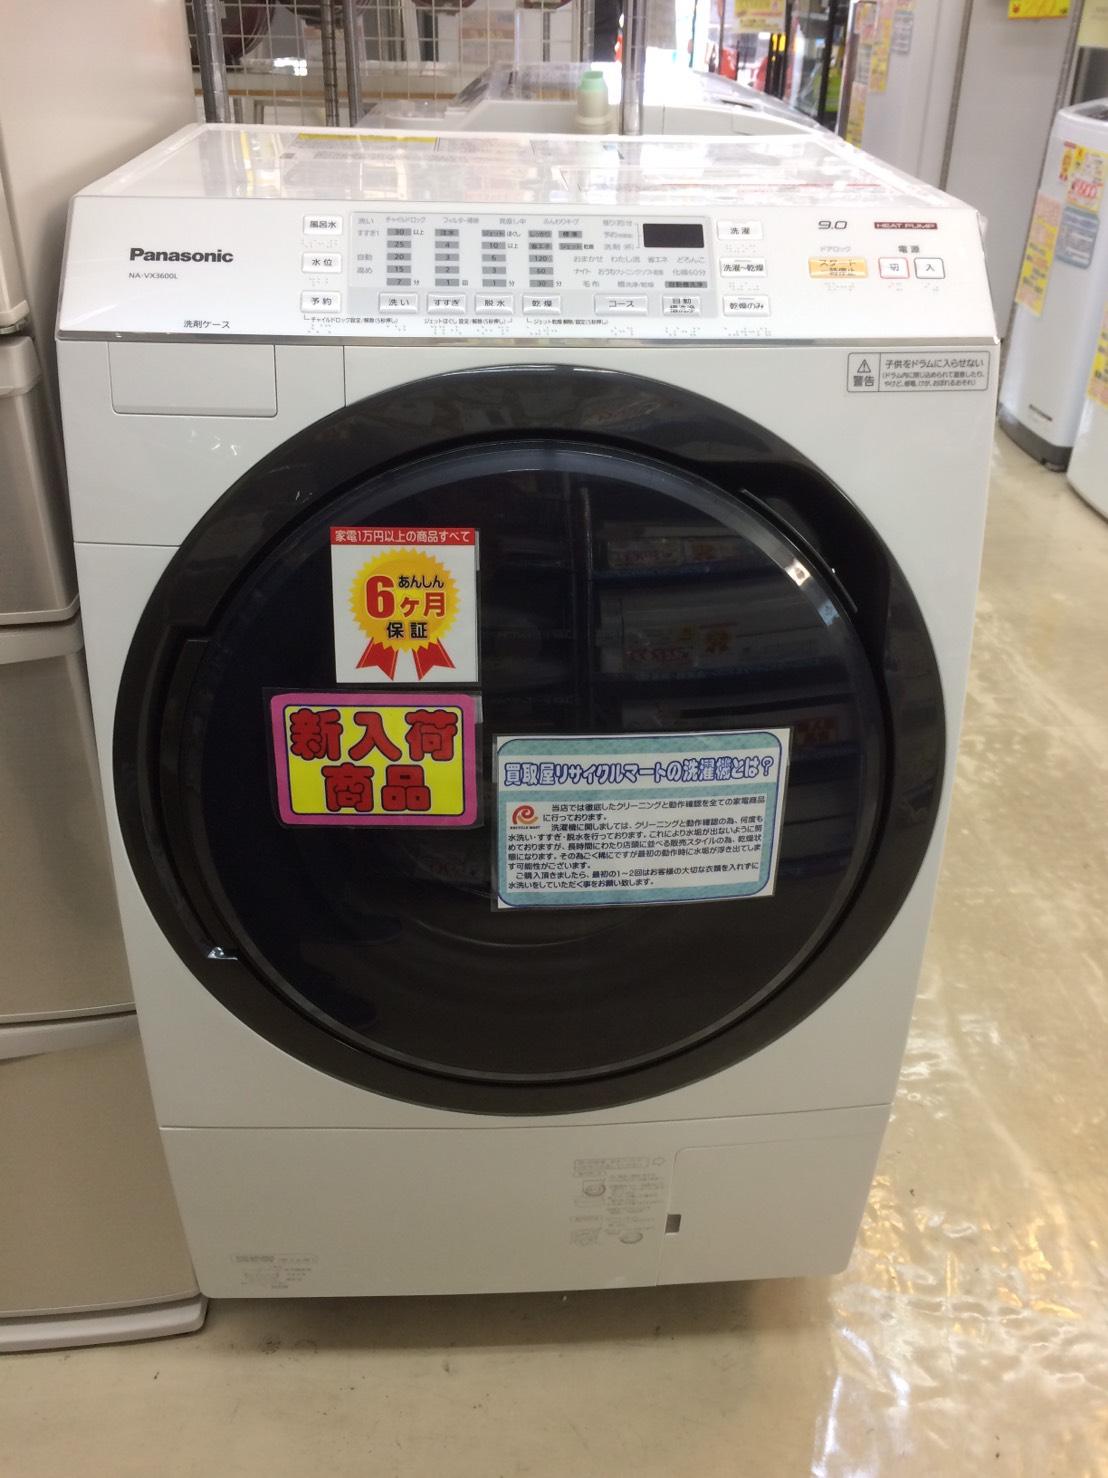 大きなドラム式洗濯機です!!!【Panasonic/パナソニック 9.0kgドラム式洗濯機 2015年式 NA-VX3600L】を買取致しました。の買取-